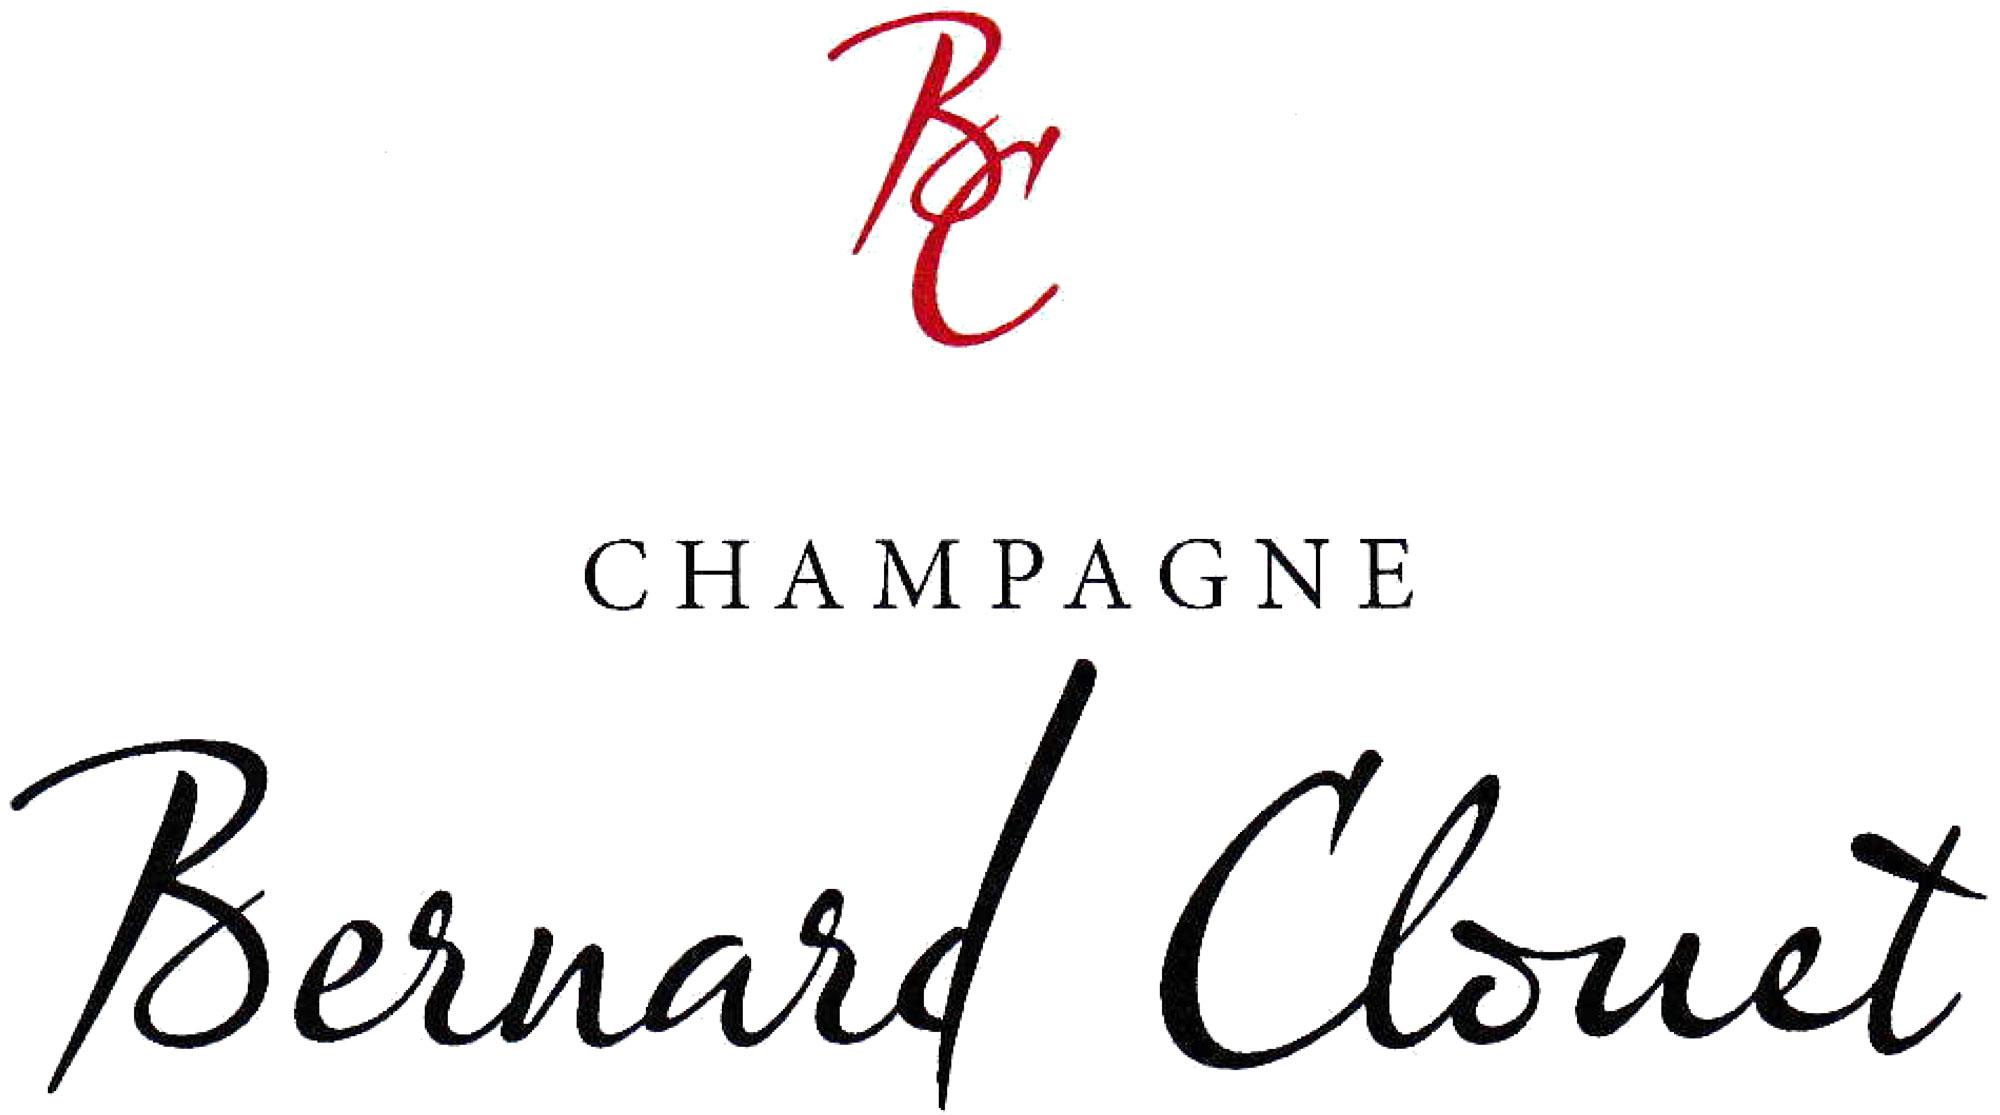 Bernard Clouet Champagne